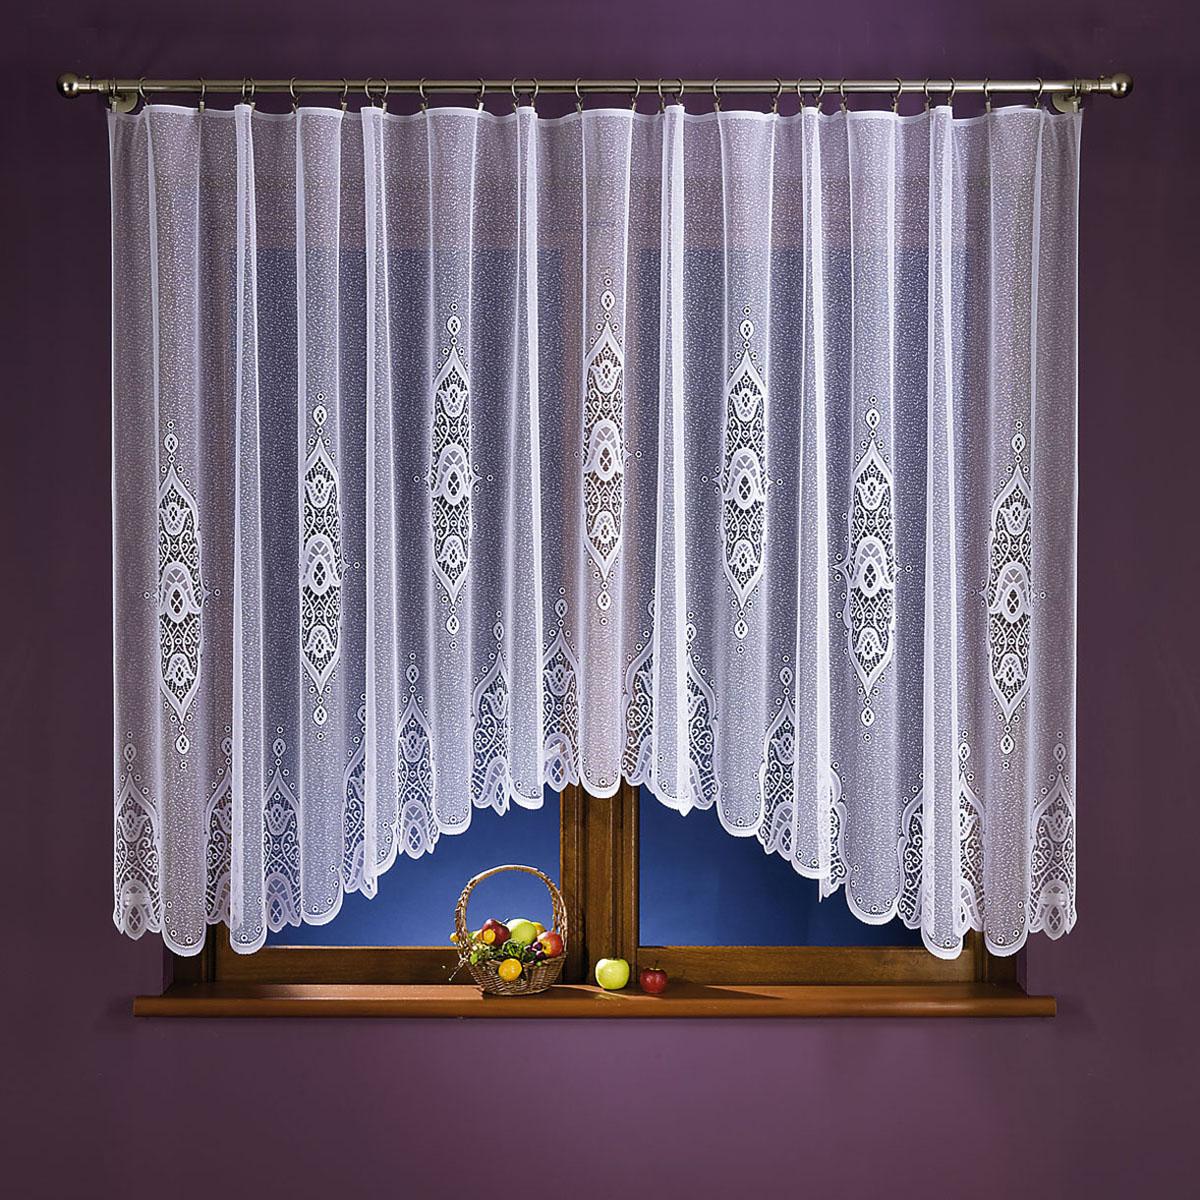 """Гардина """"Wisan"""", выполненная из легкого полиэстера, станет великолепным украшением окна в спальне или гостиной.   Качественный материал, тонкое плетение и оригинальный дизайн привлекут к себе внимание и позволят гардине органично вписаться в интерьер помещения.      Вид крепления - под зажимы для штор."""